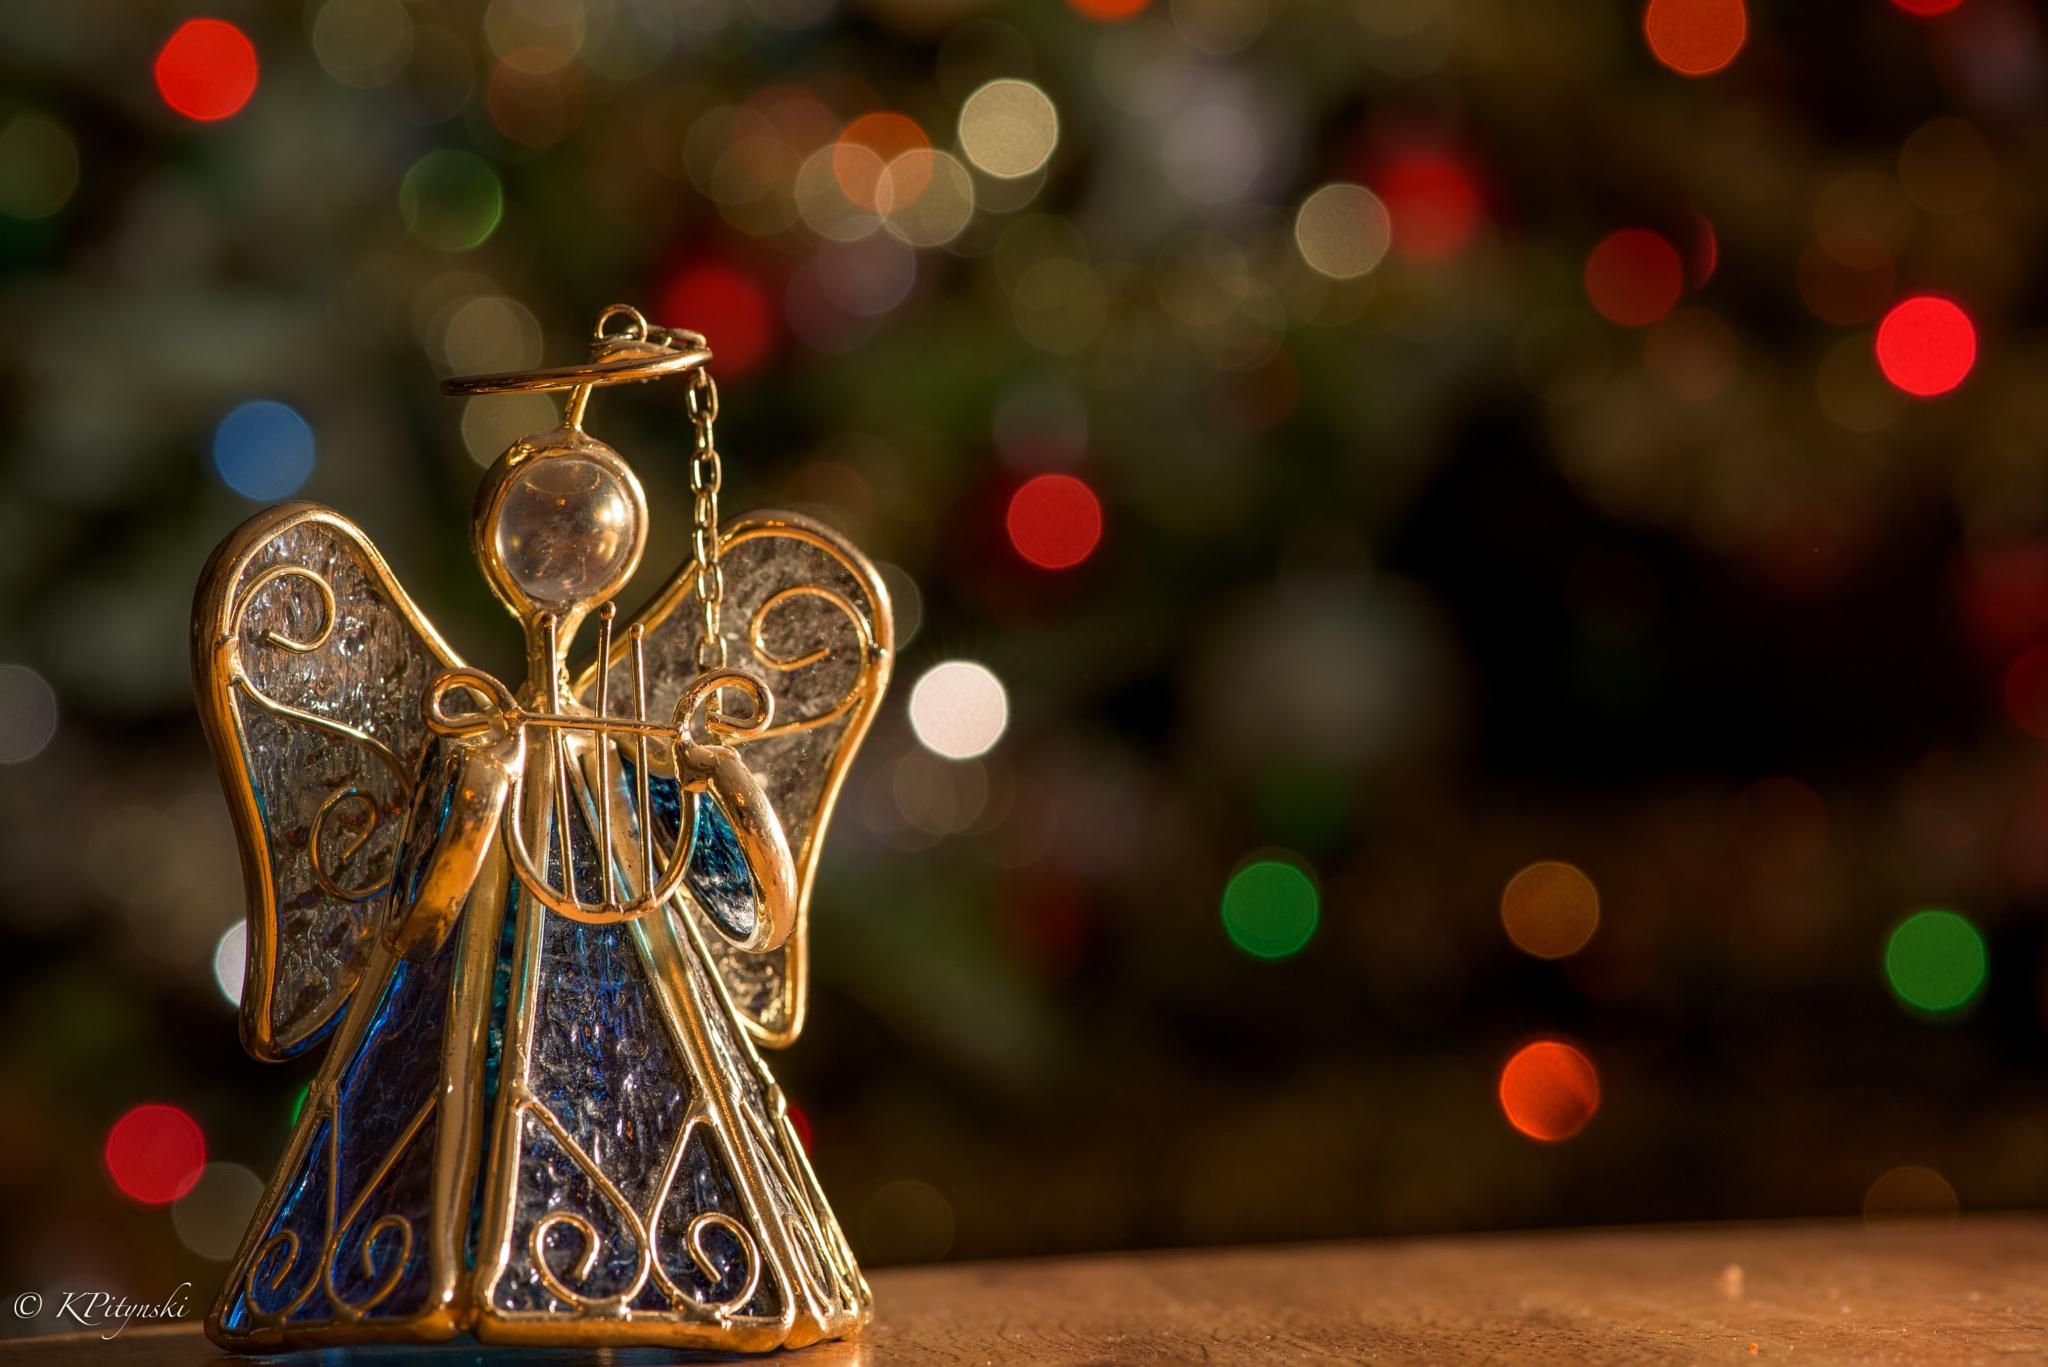 Christmas memories. by KRZYSZTOF PITYNSKI